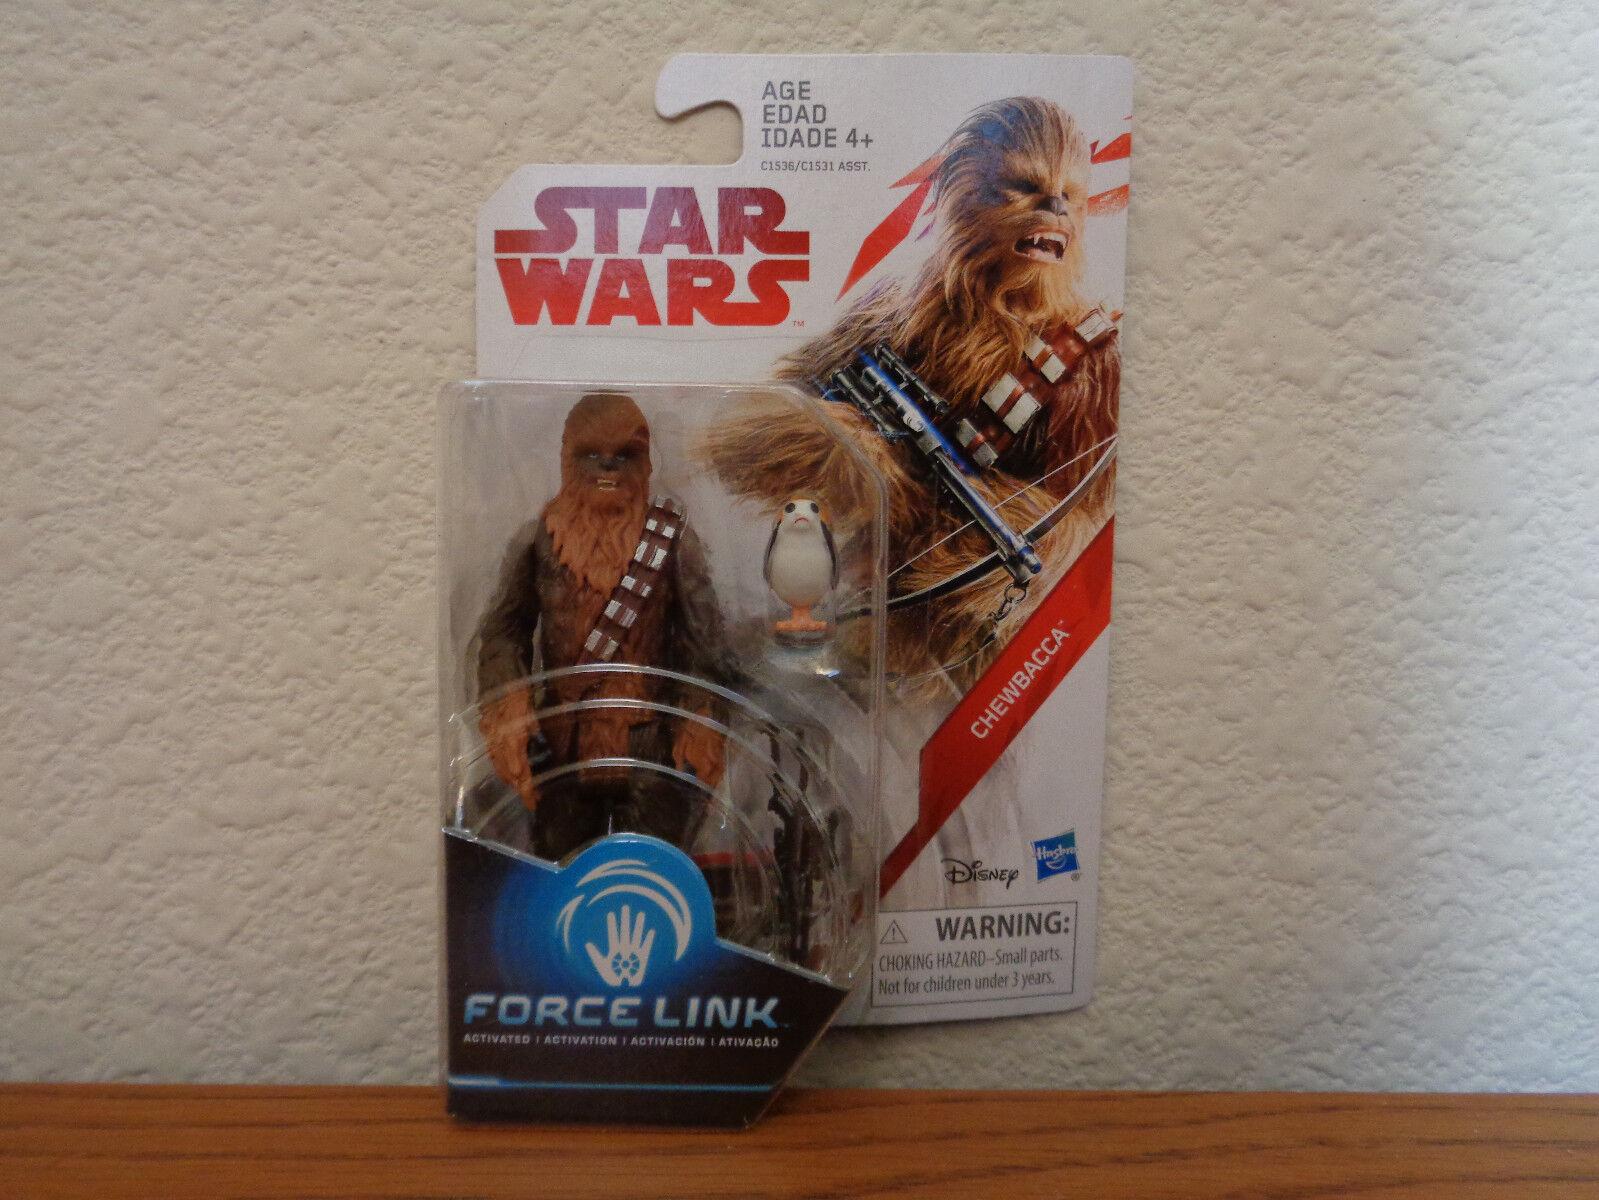 Star Wars Chewbacca w w Chewbacca  Porg Pet Wave 2 Last Jedi Top Variant 3.75 Figure ef1eb7